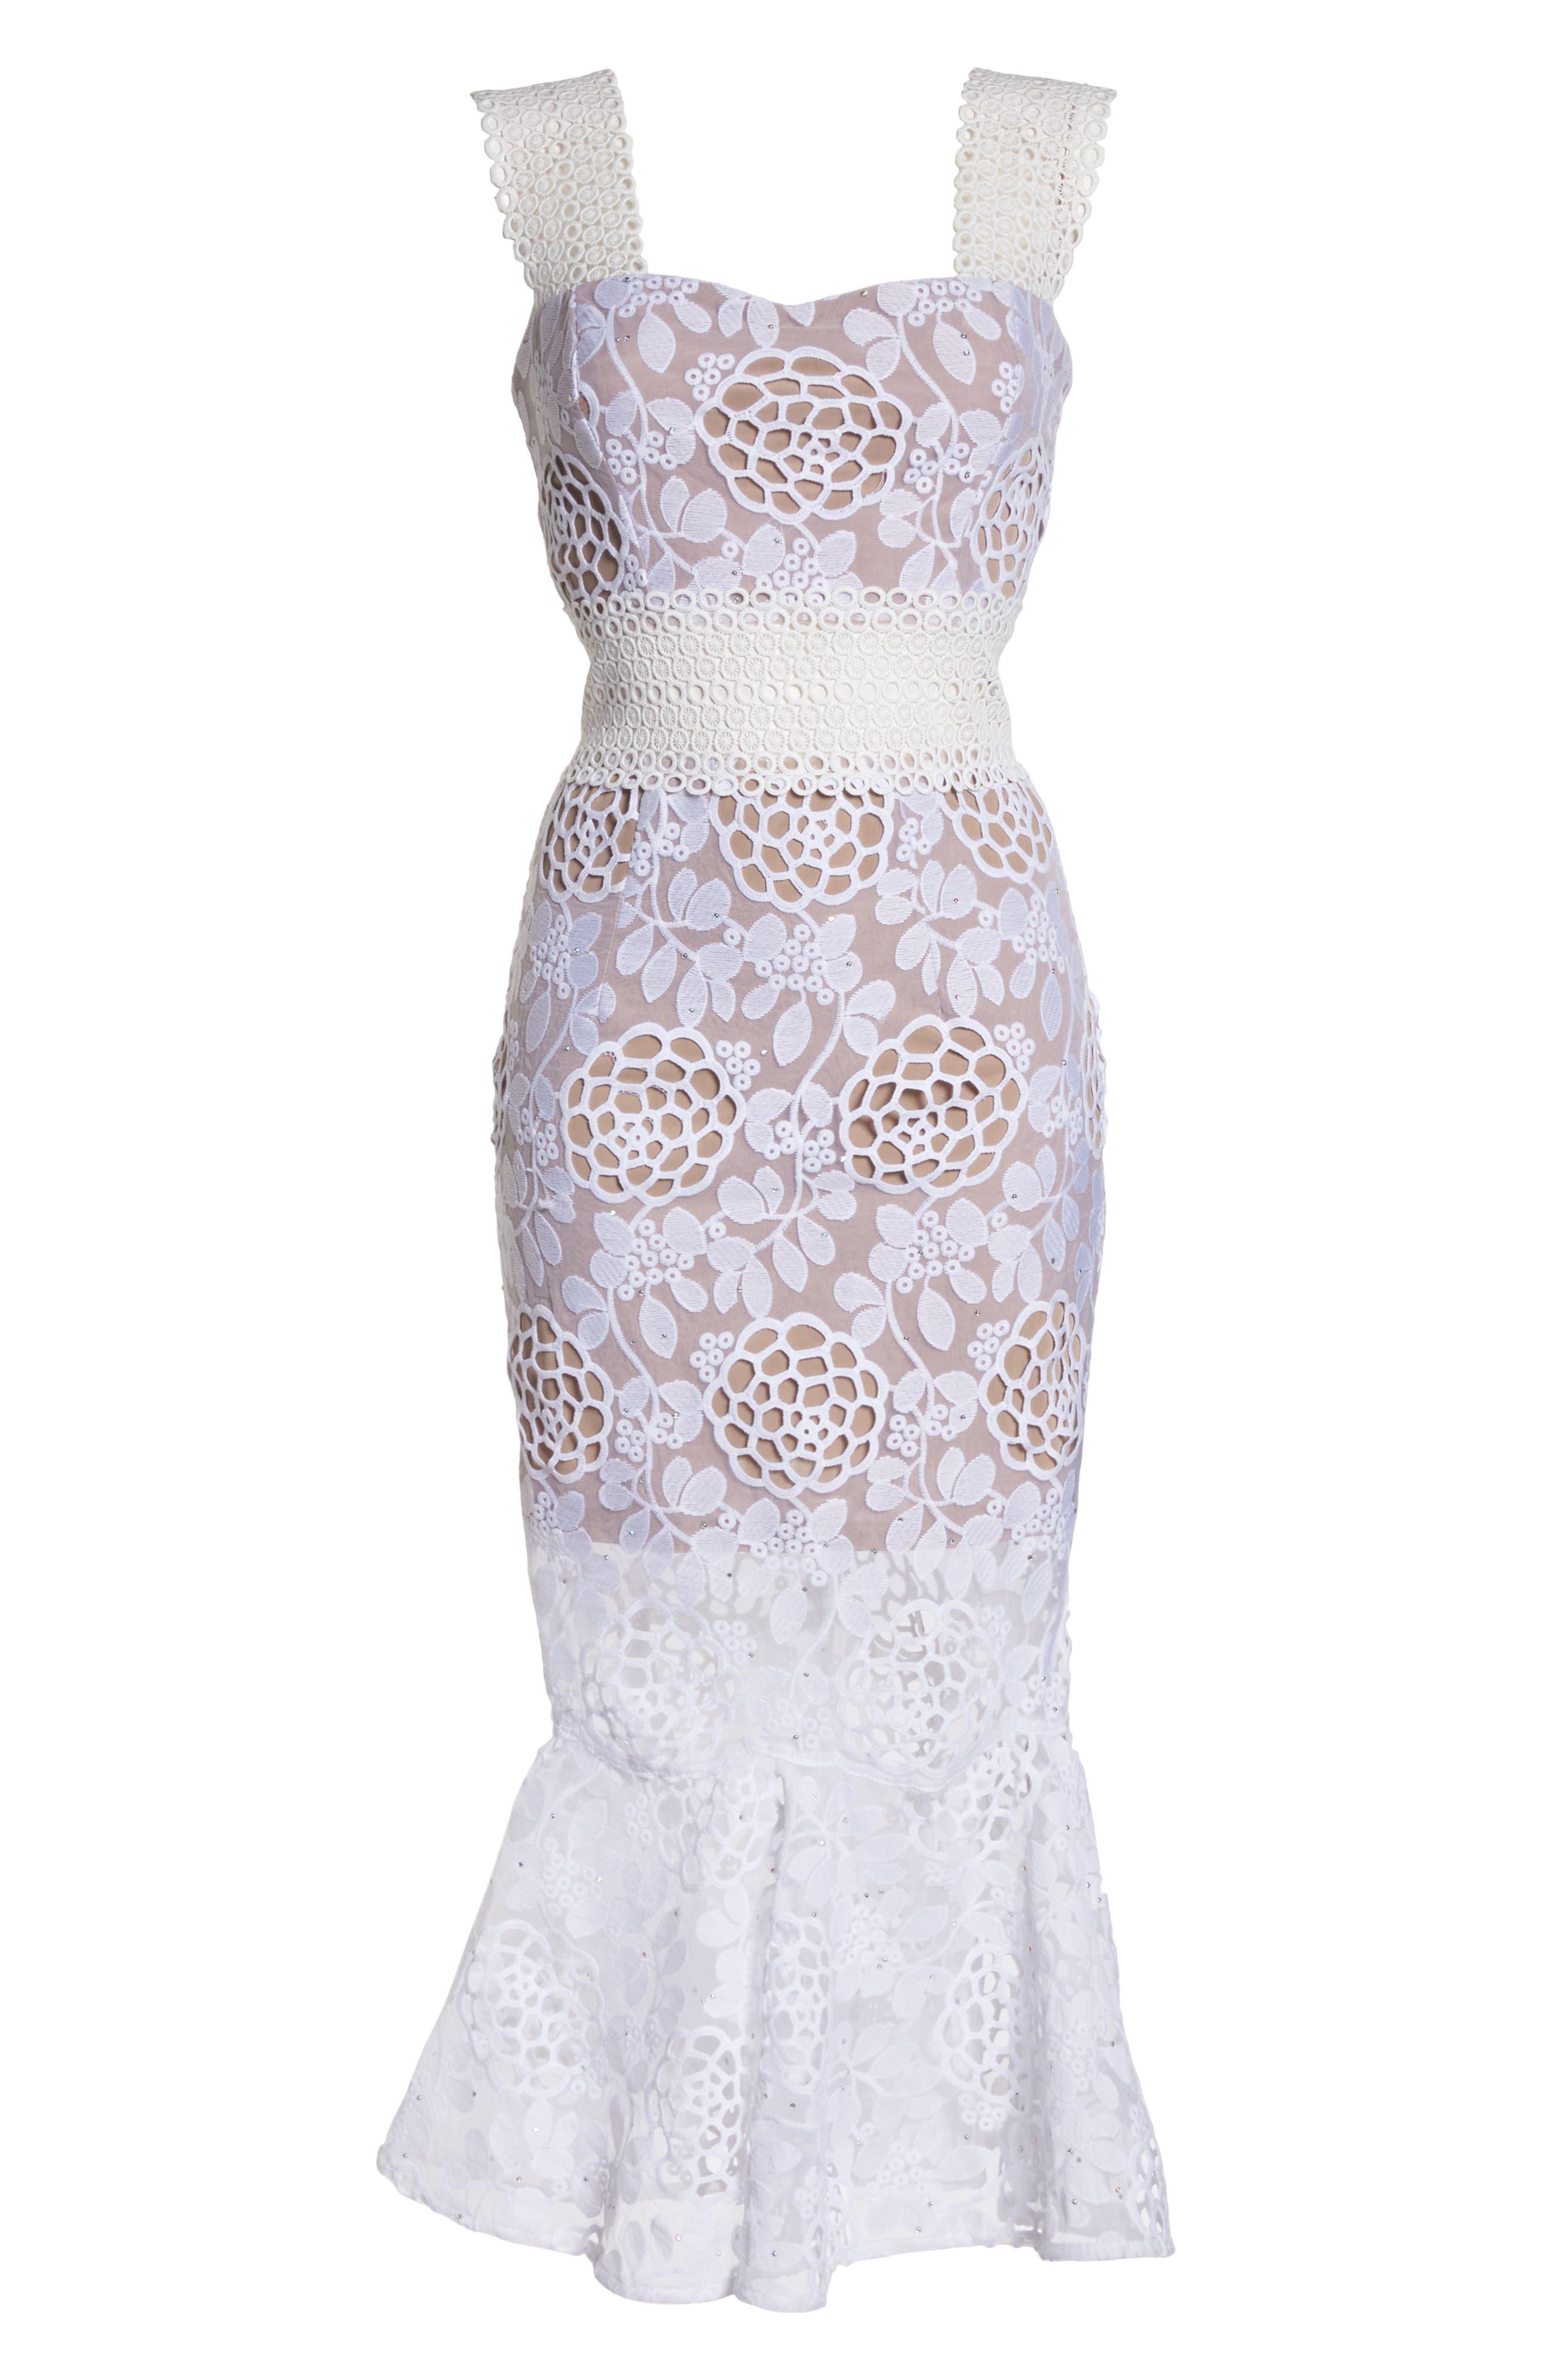 Capri Floral Lace Midi Dress,                             Alternate thumbnail 6, color,                             White